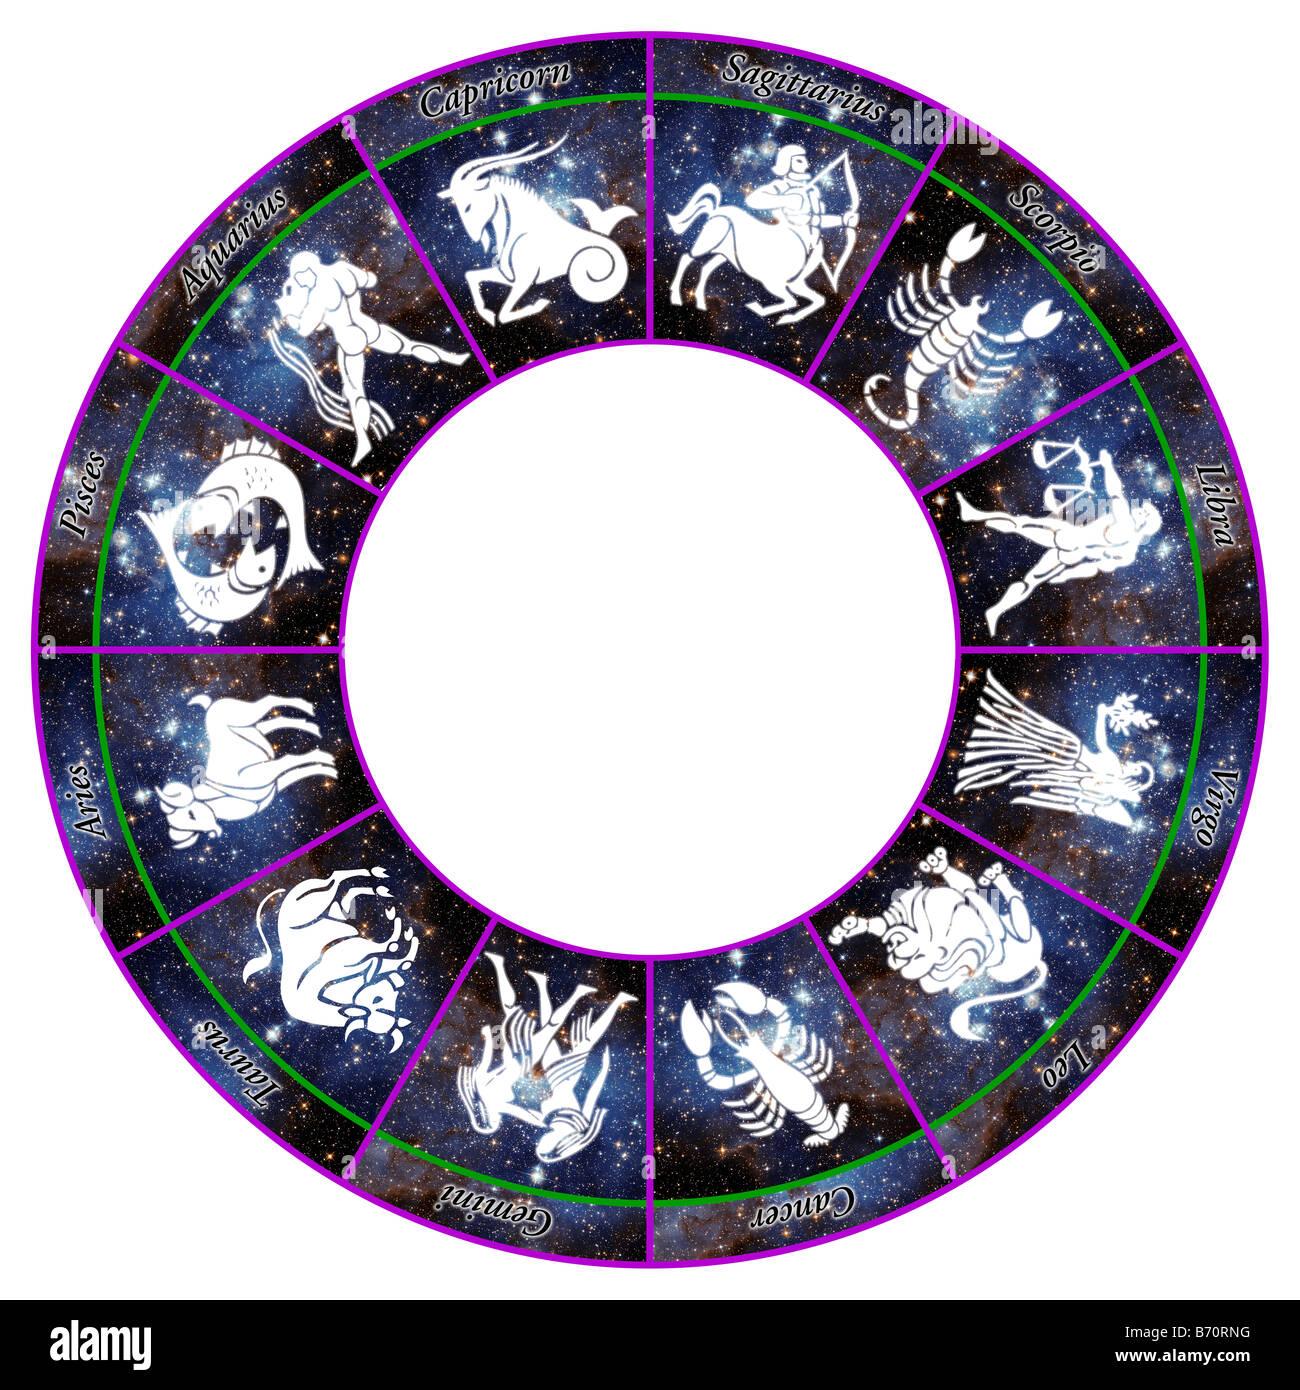 Capricorne datant Gemini